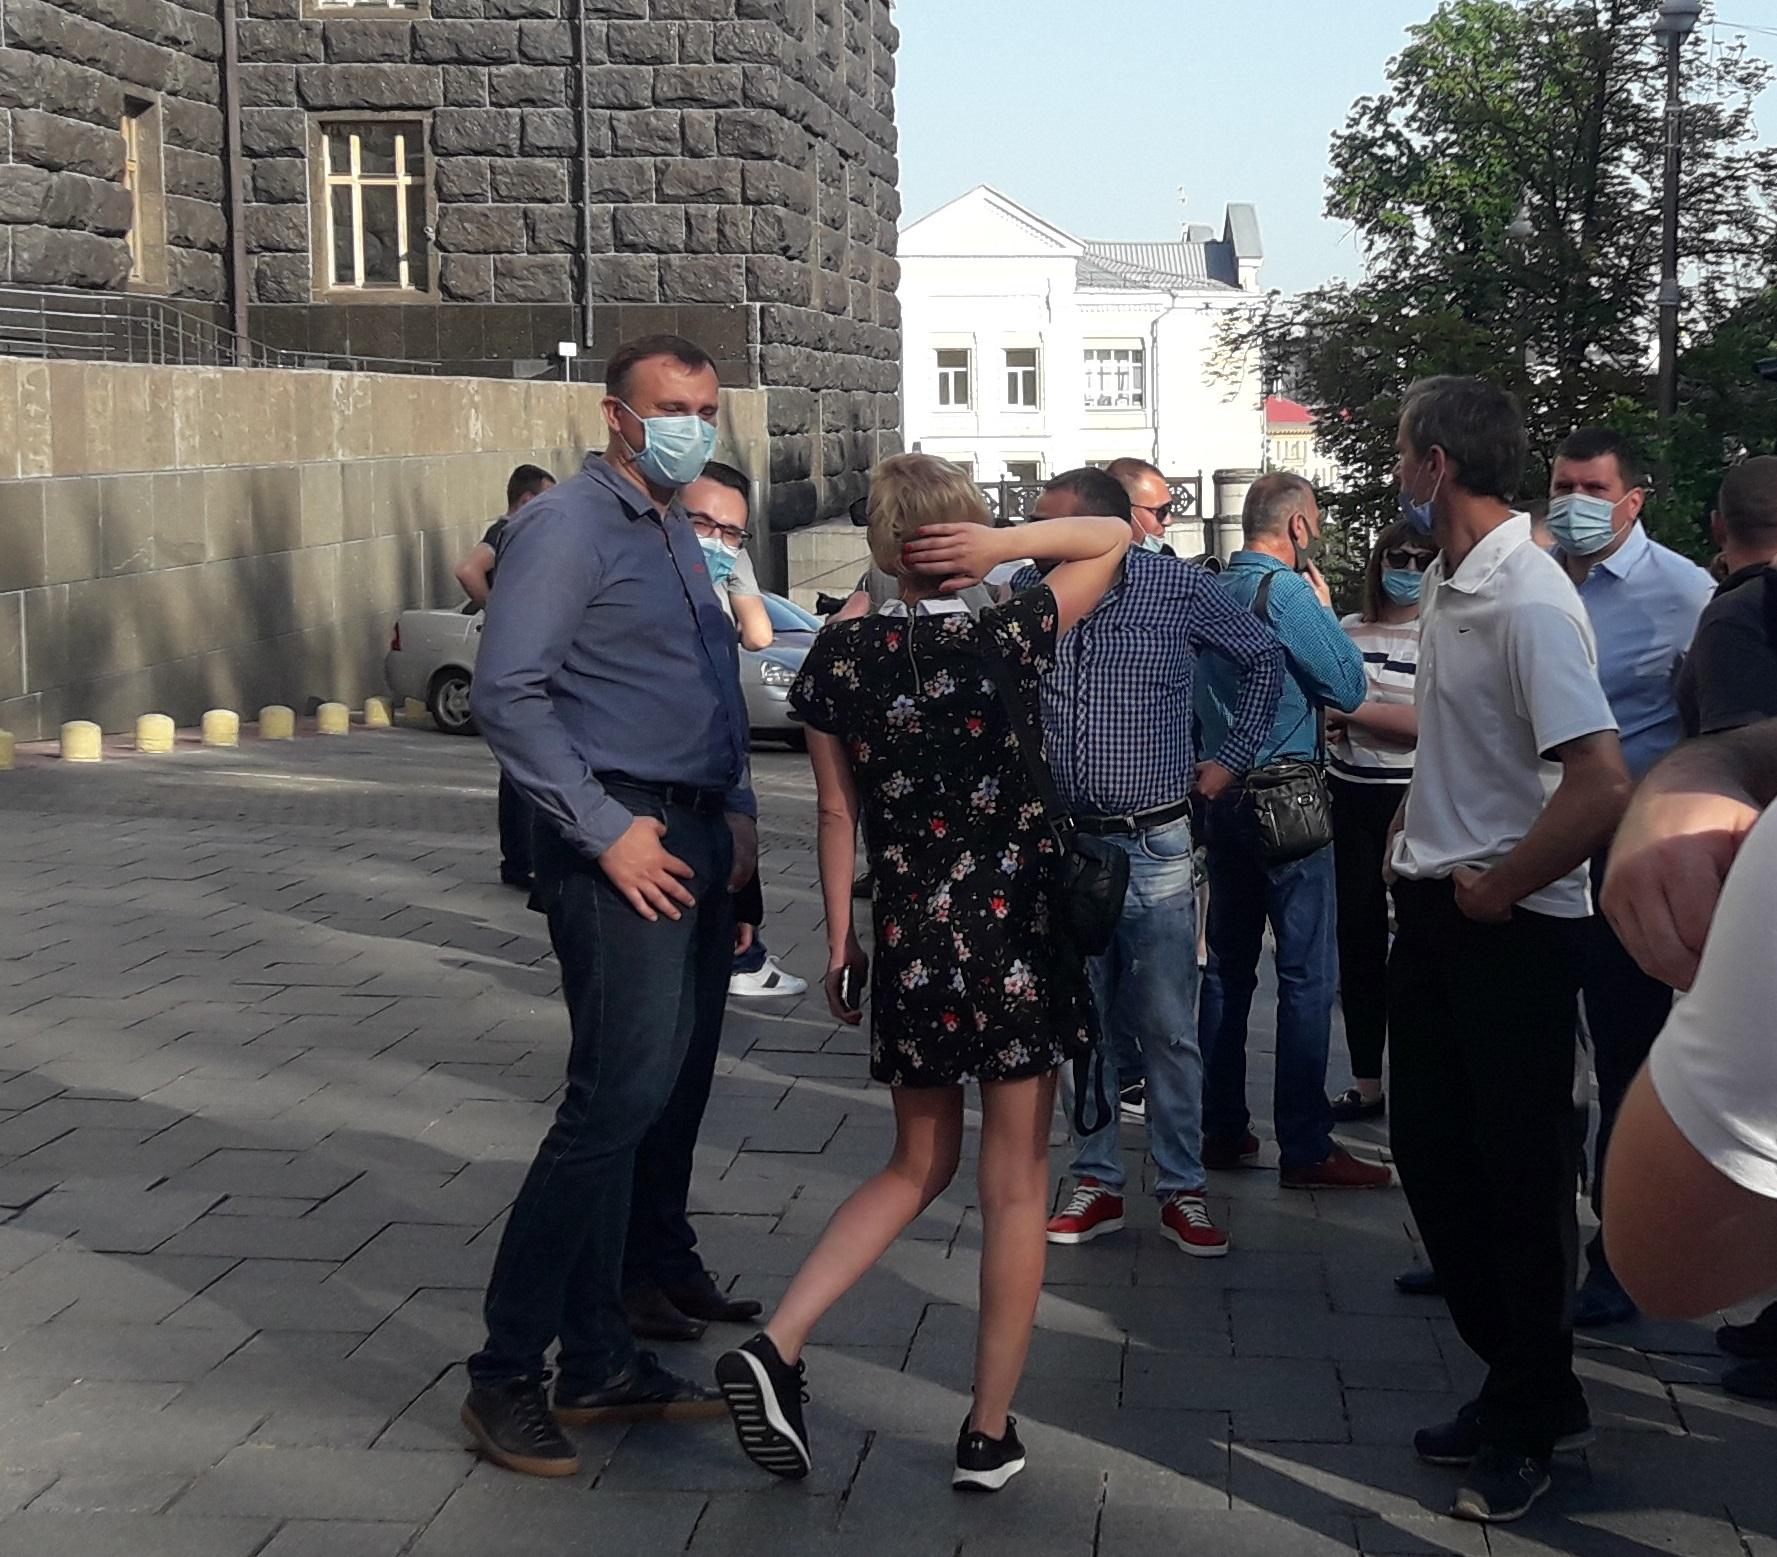 Ірпінські чиновниці Віолетта Кременчук та Оксана Нечитайло у робочий час страйкували під Кабміном - Чиновники, мітинг, ірпінь, ирпень - 20200610 074908 1